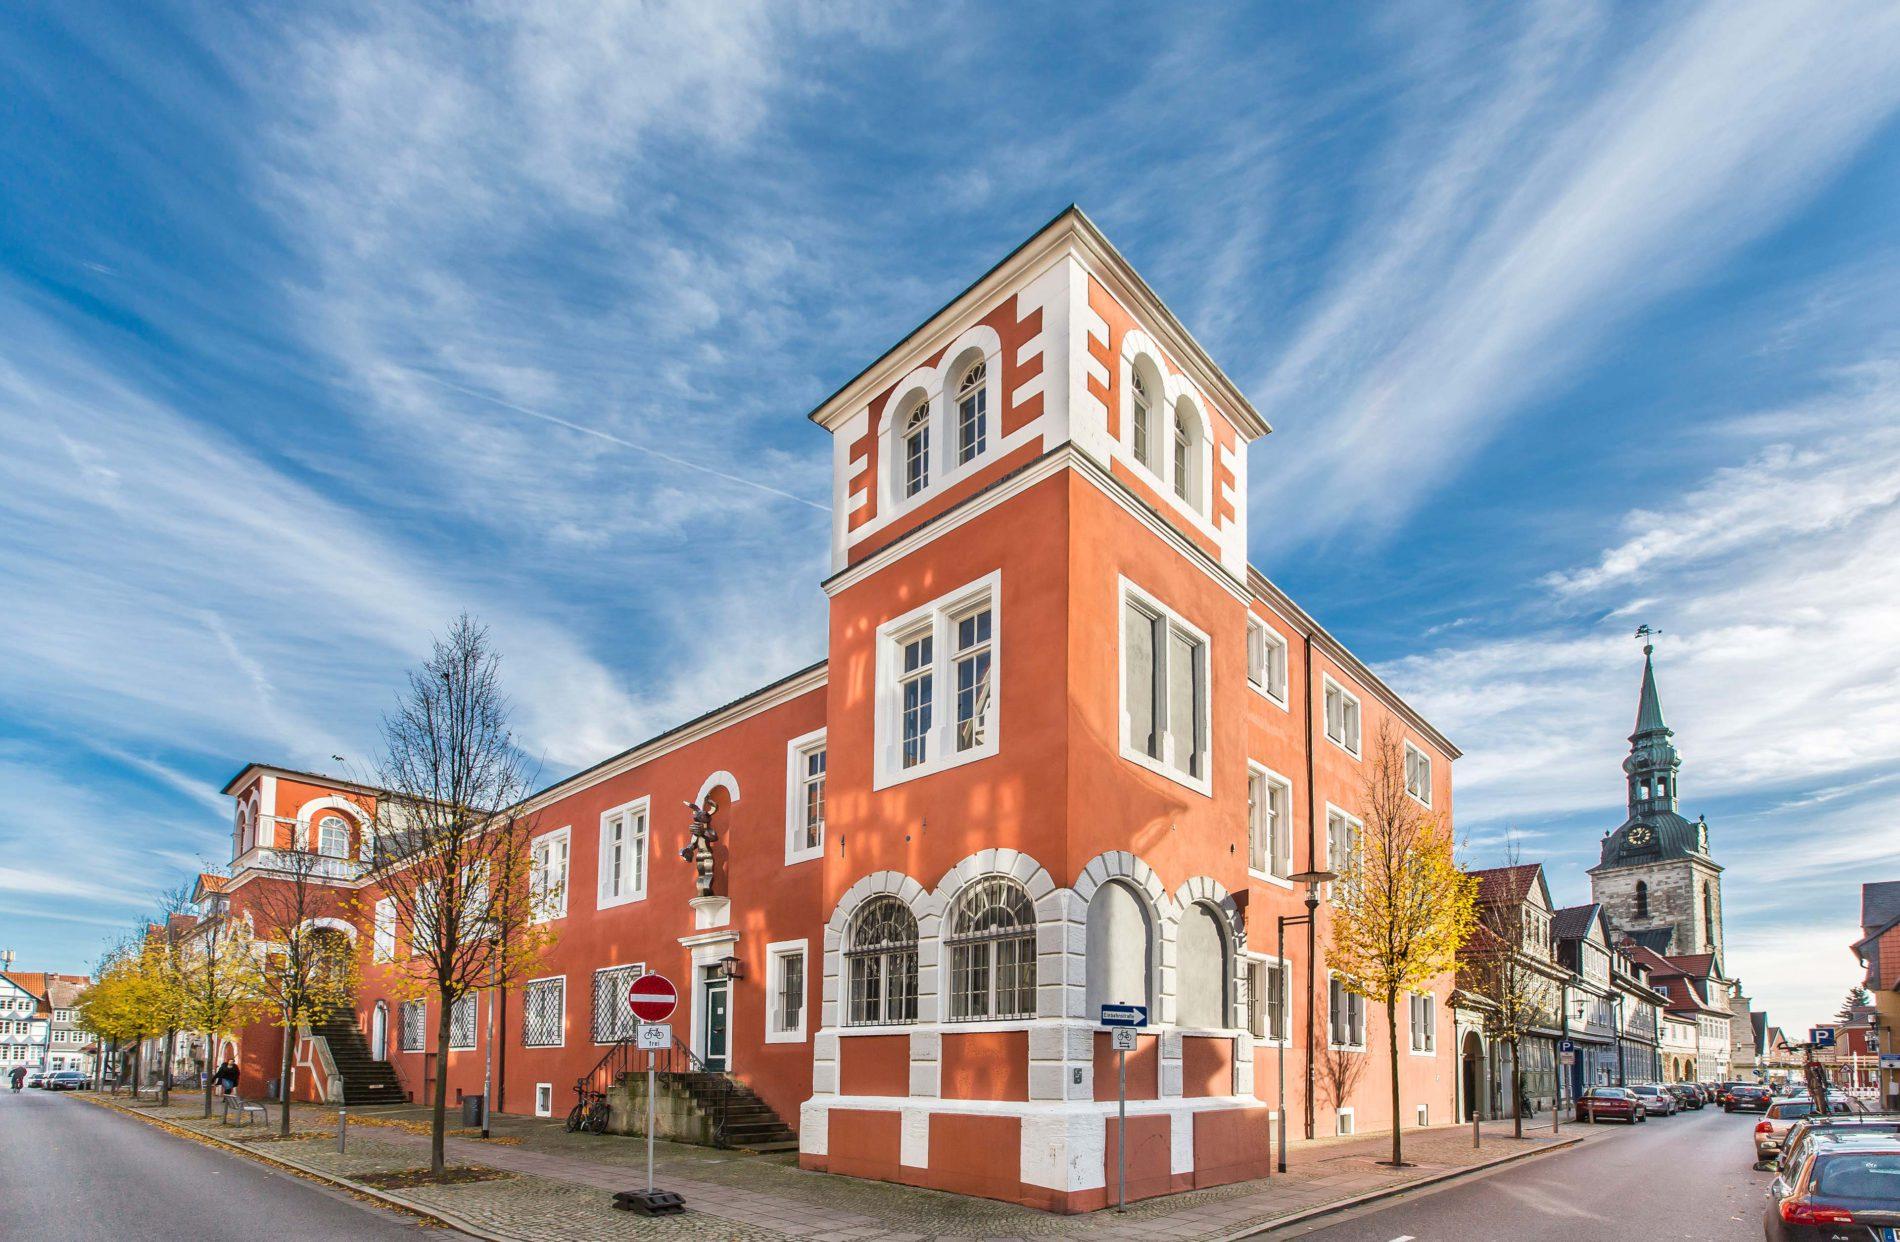 Einstmals Verwaltungssitz der Herzöge - die alte Kanzlei / Foto: Christian Bierwagen / Stadt WF